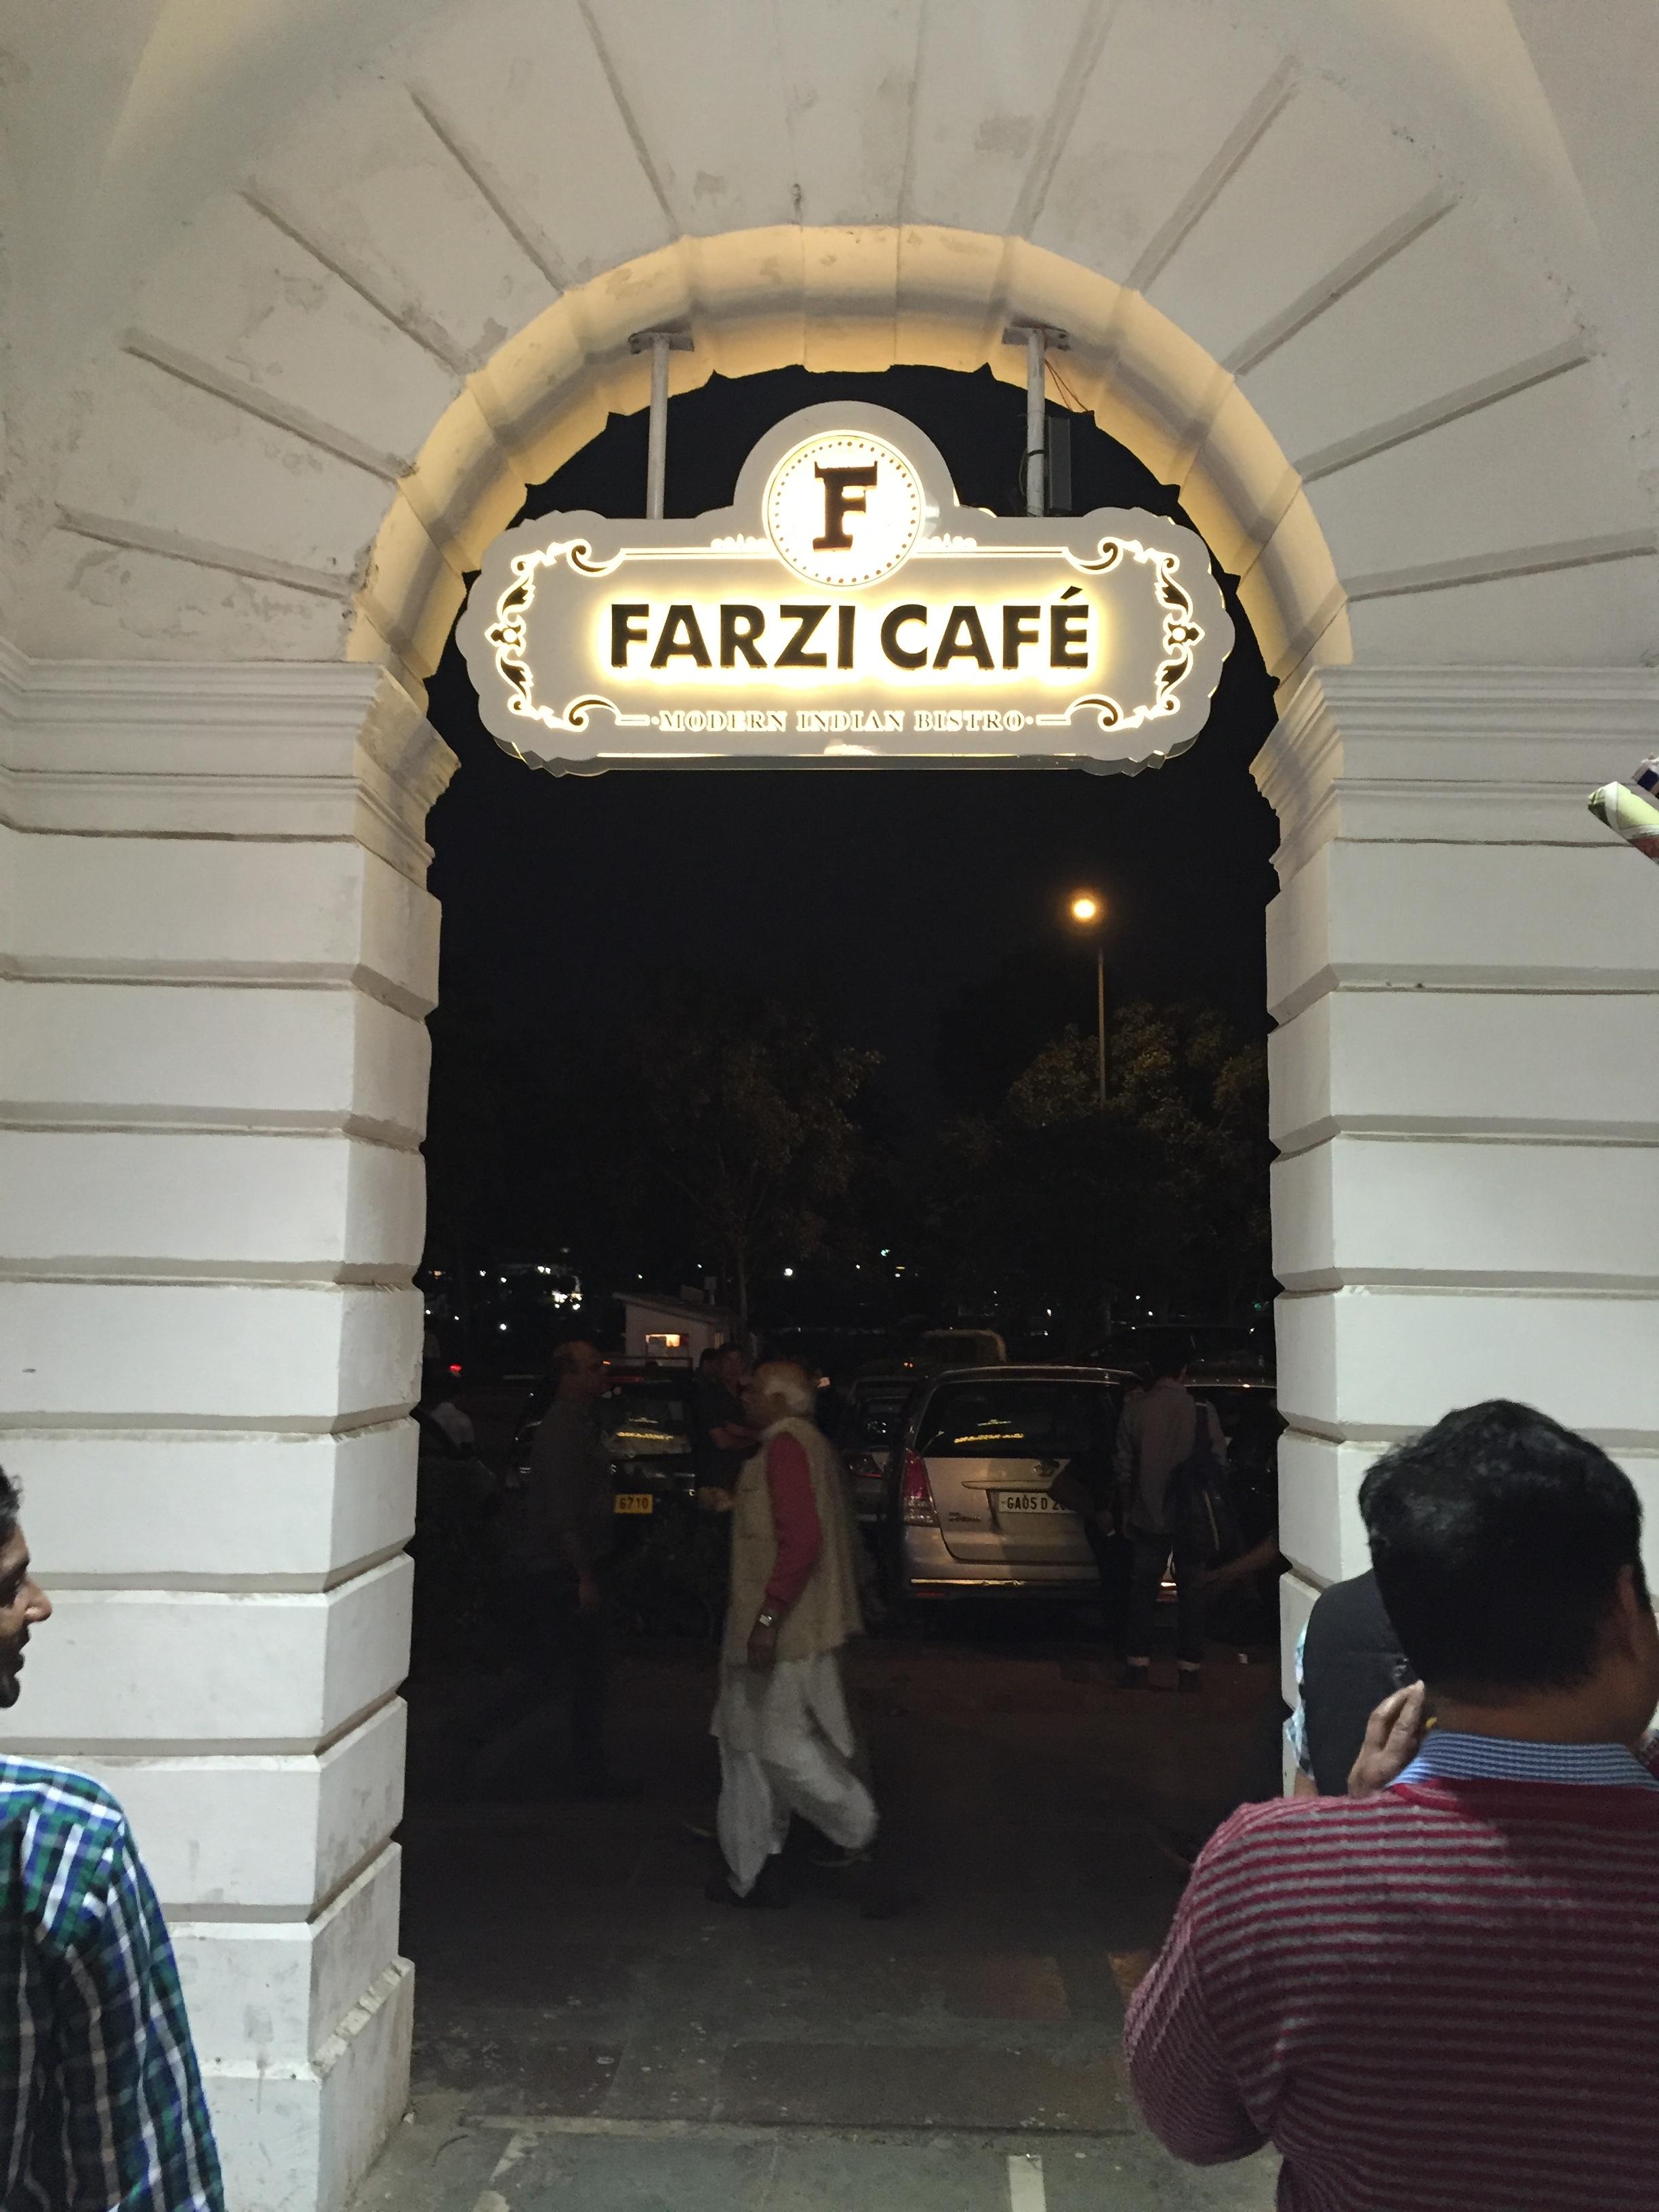 Farzi Cafe in Delhi's Connaught Place